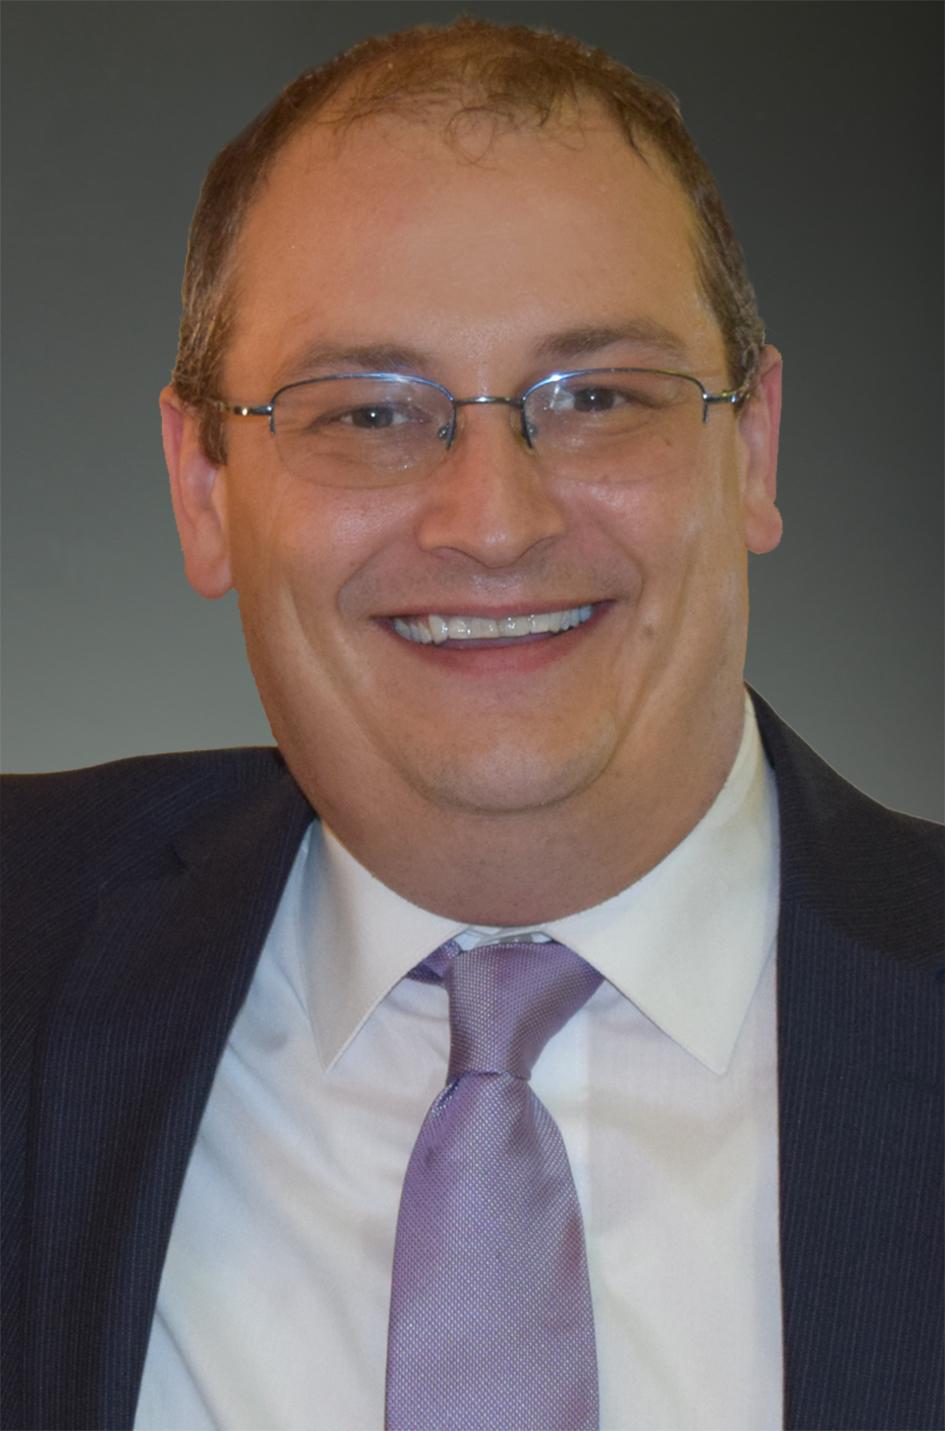 Kevin Larragy